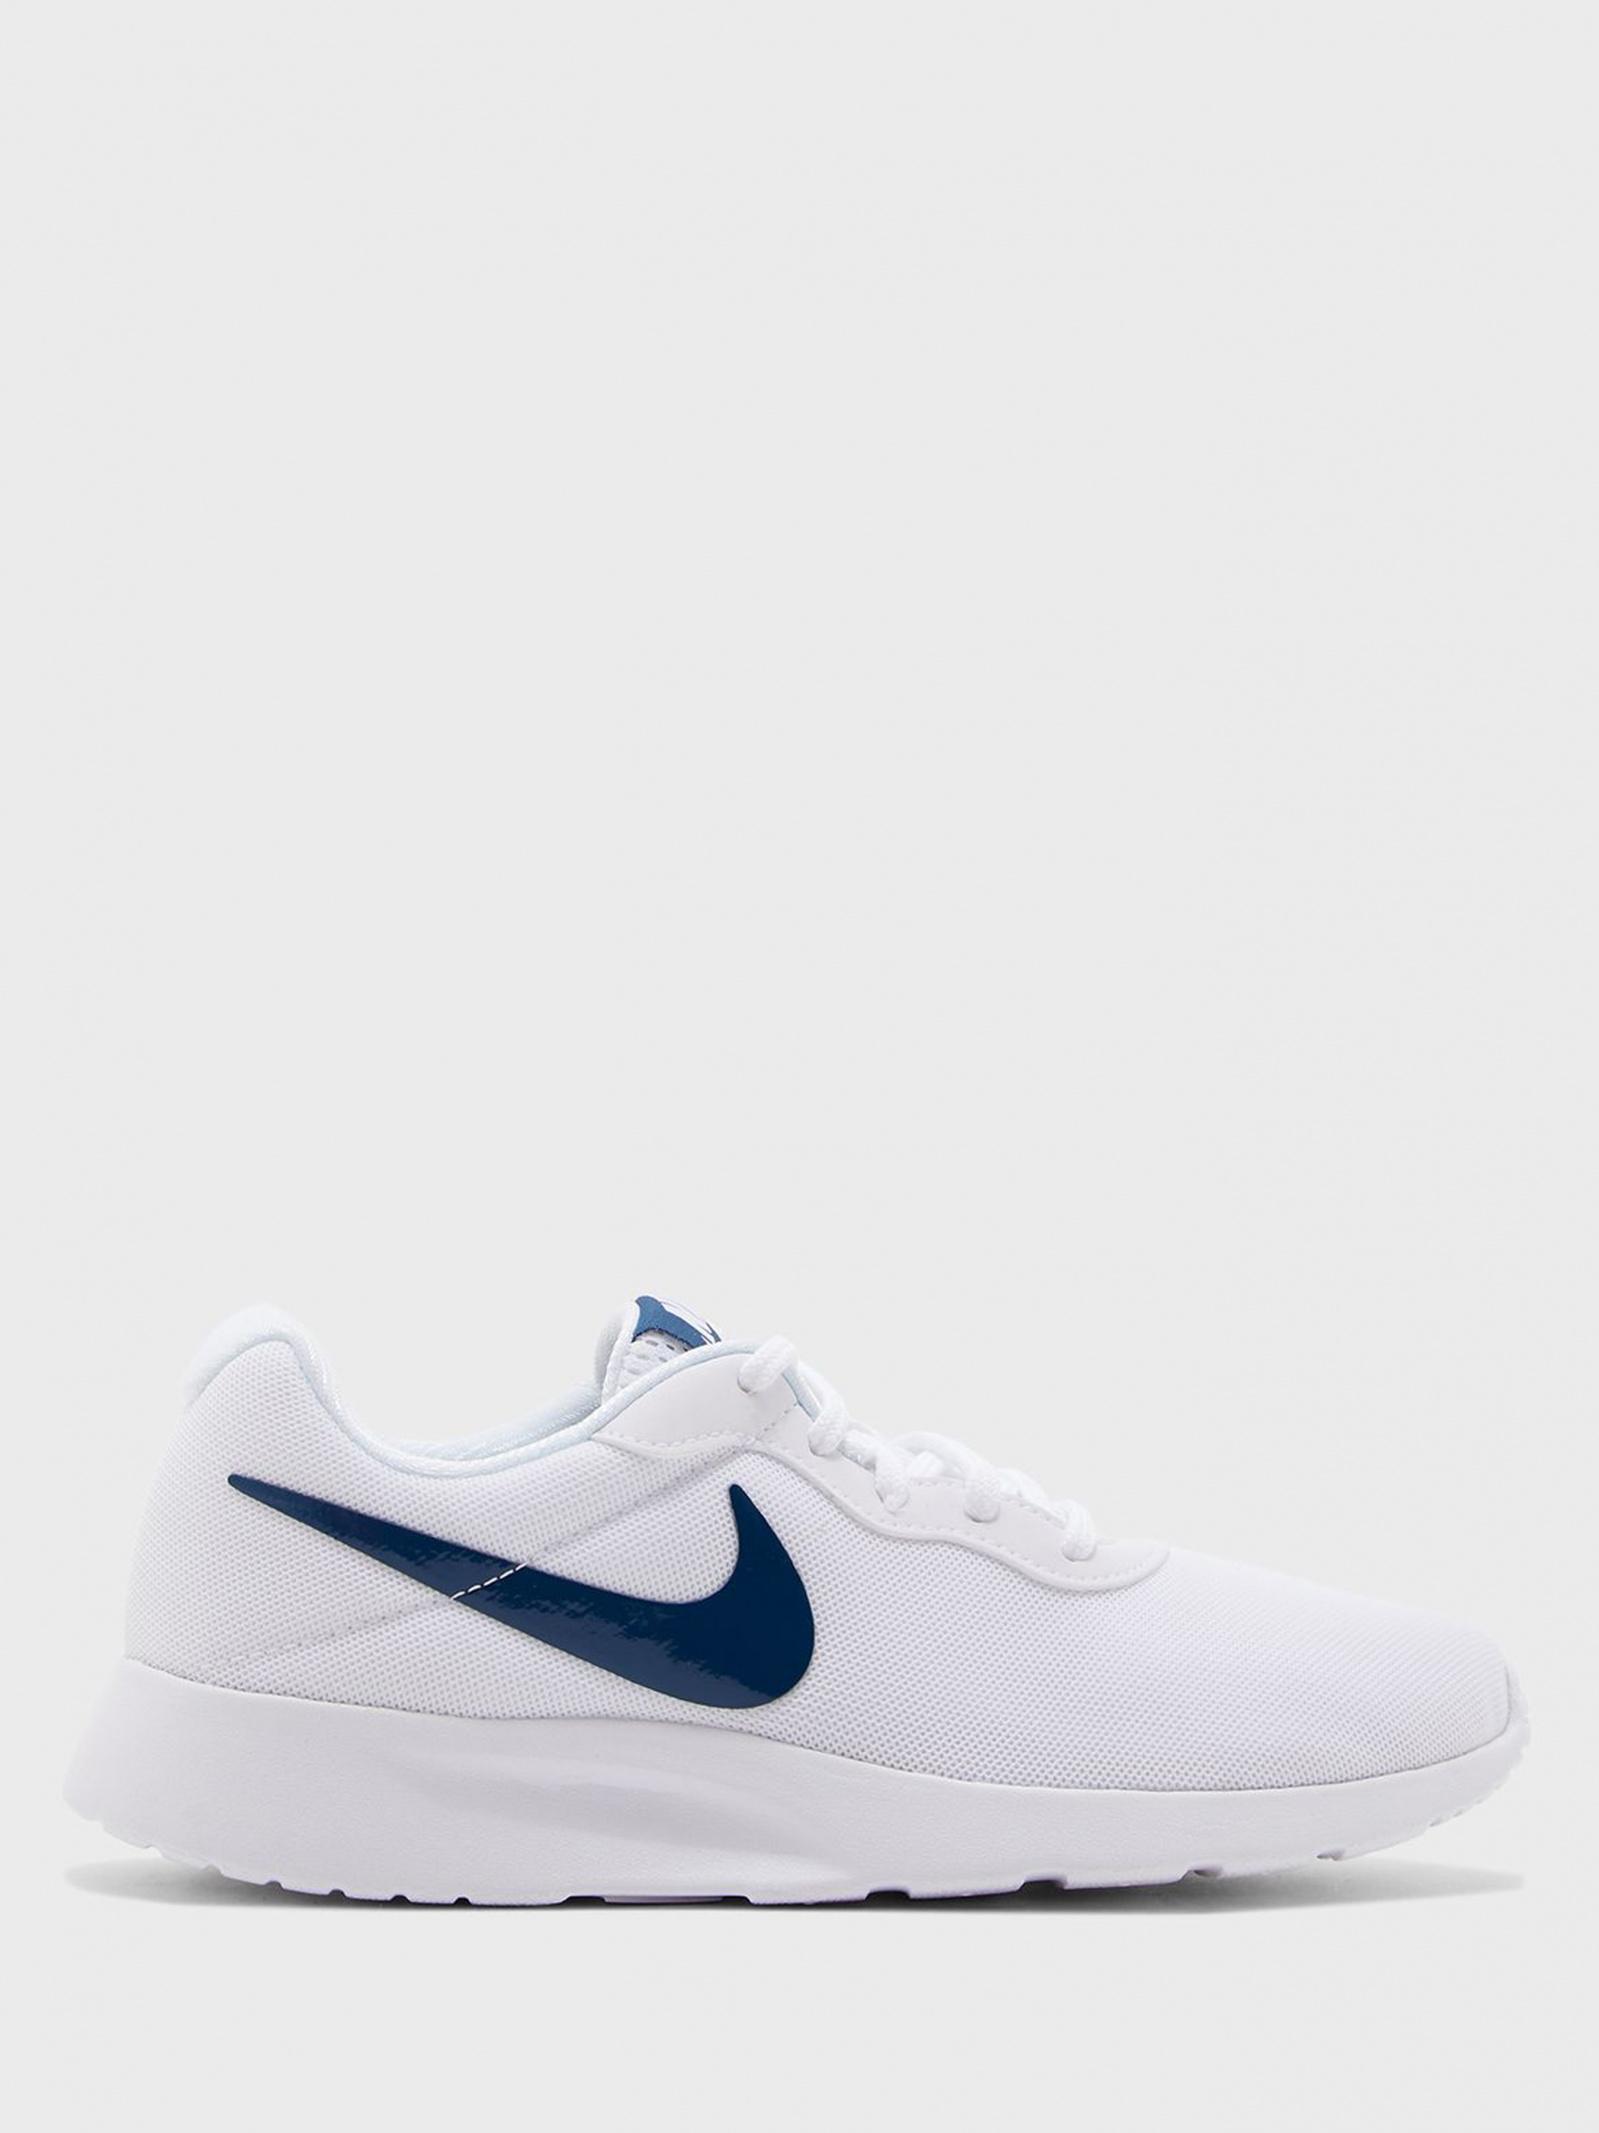 Кроссовки женские NIKE Tanjun 812655-108 брендовая обувь, 2017